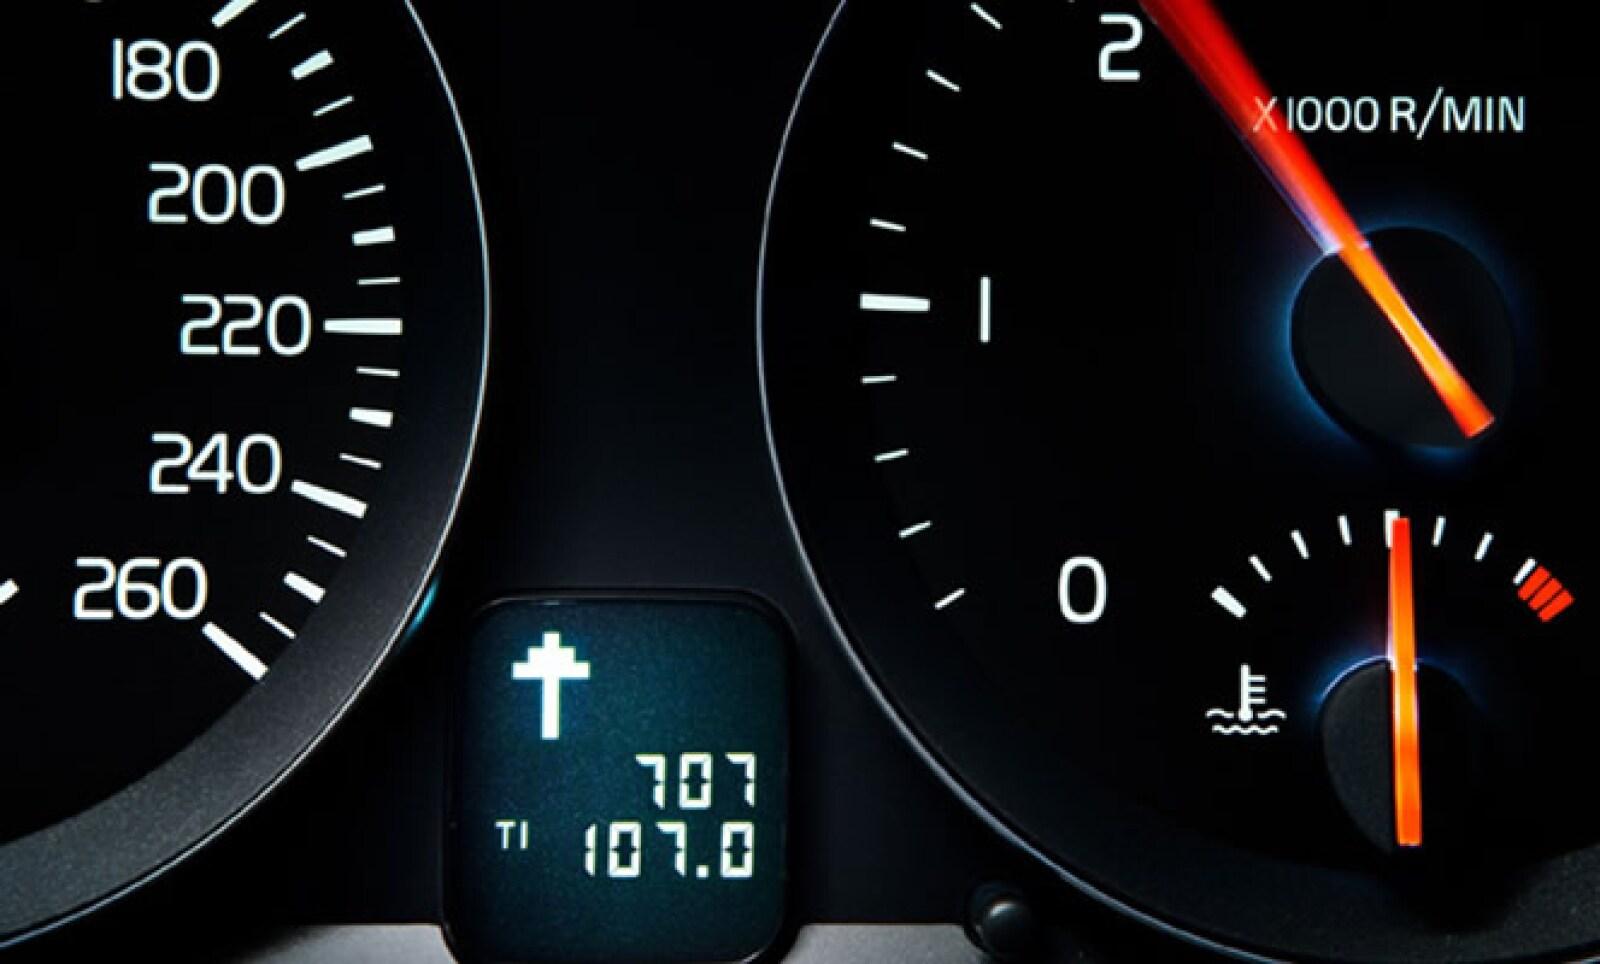 Su motor de 2.4 litros atmosférico o T5 de cinco cilindros en línea turbo alimentado, te provee de la adrenalina necesaria para tu vida.